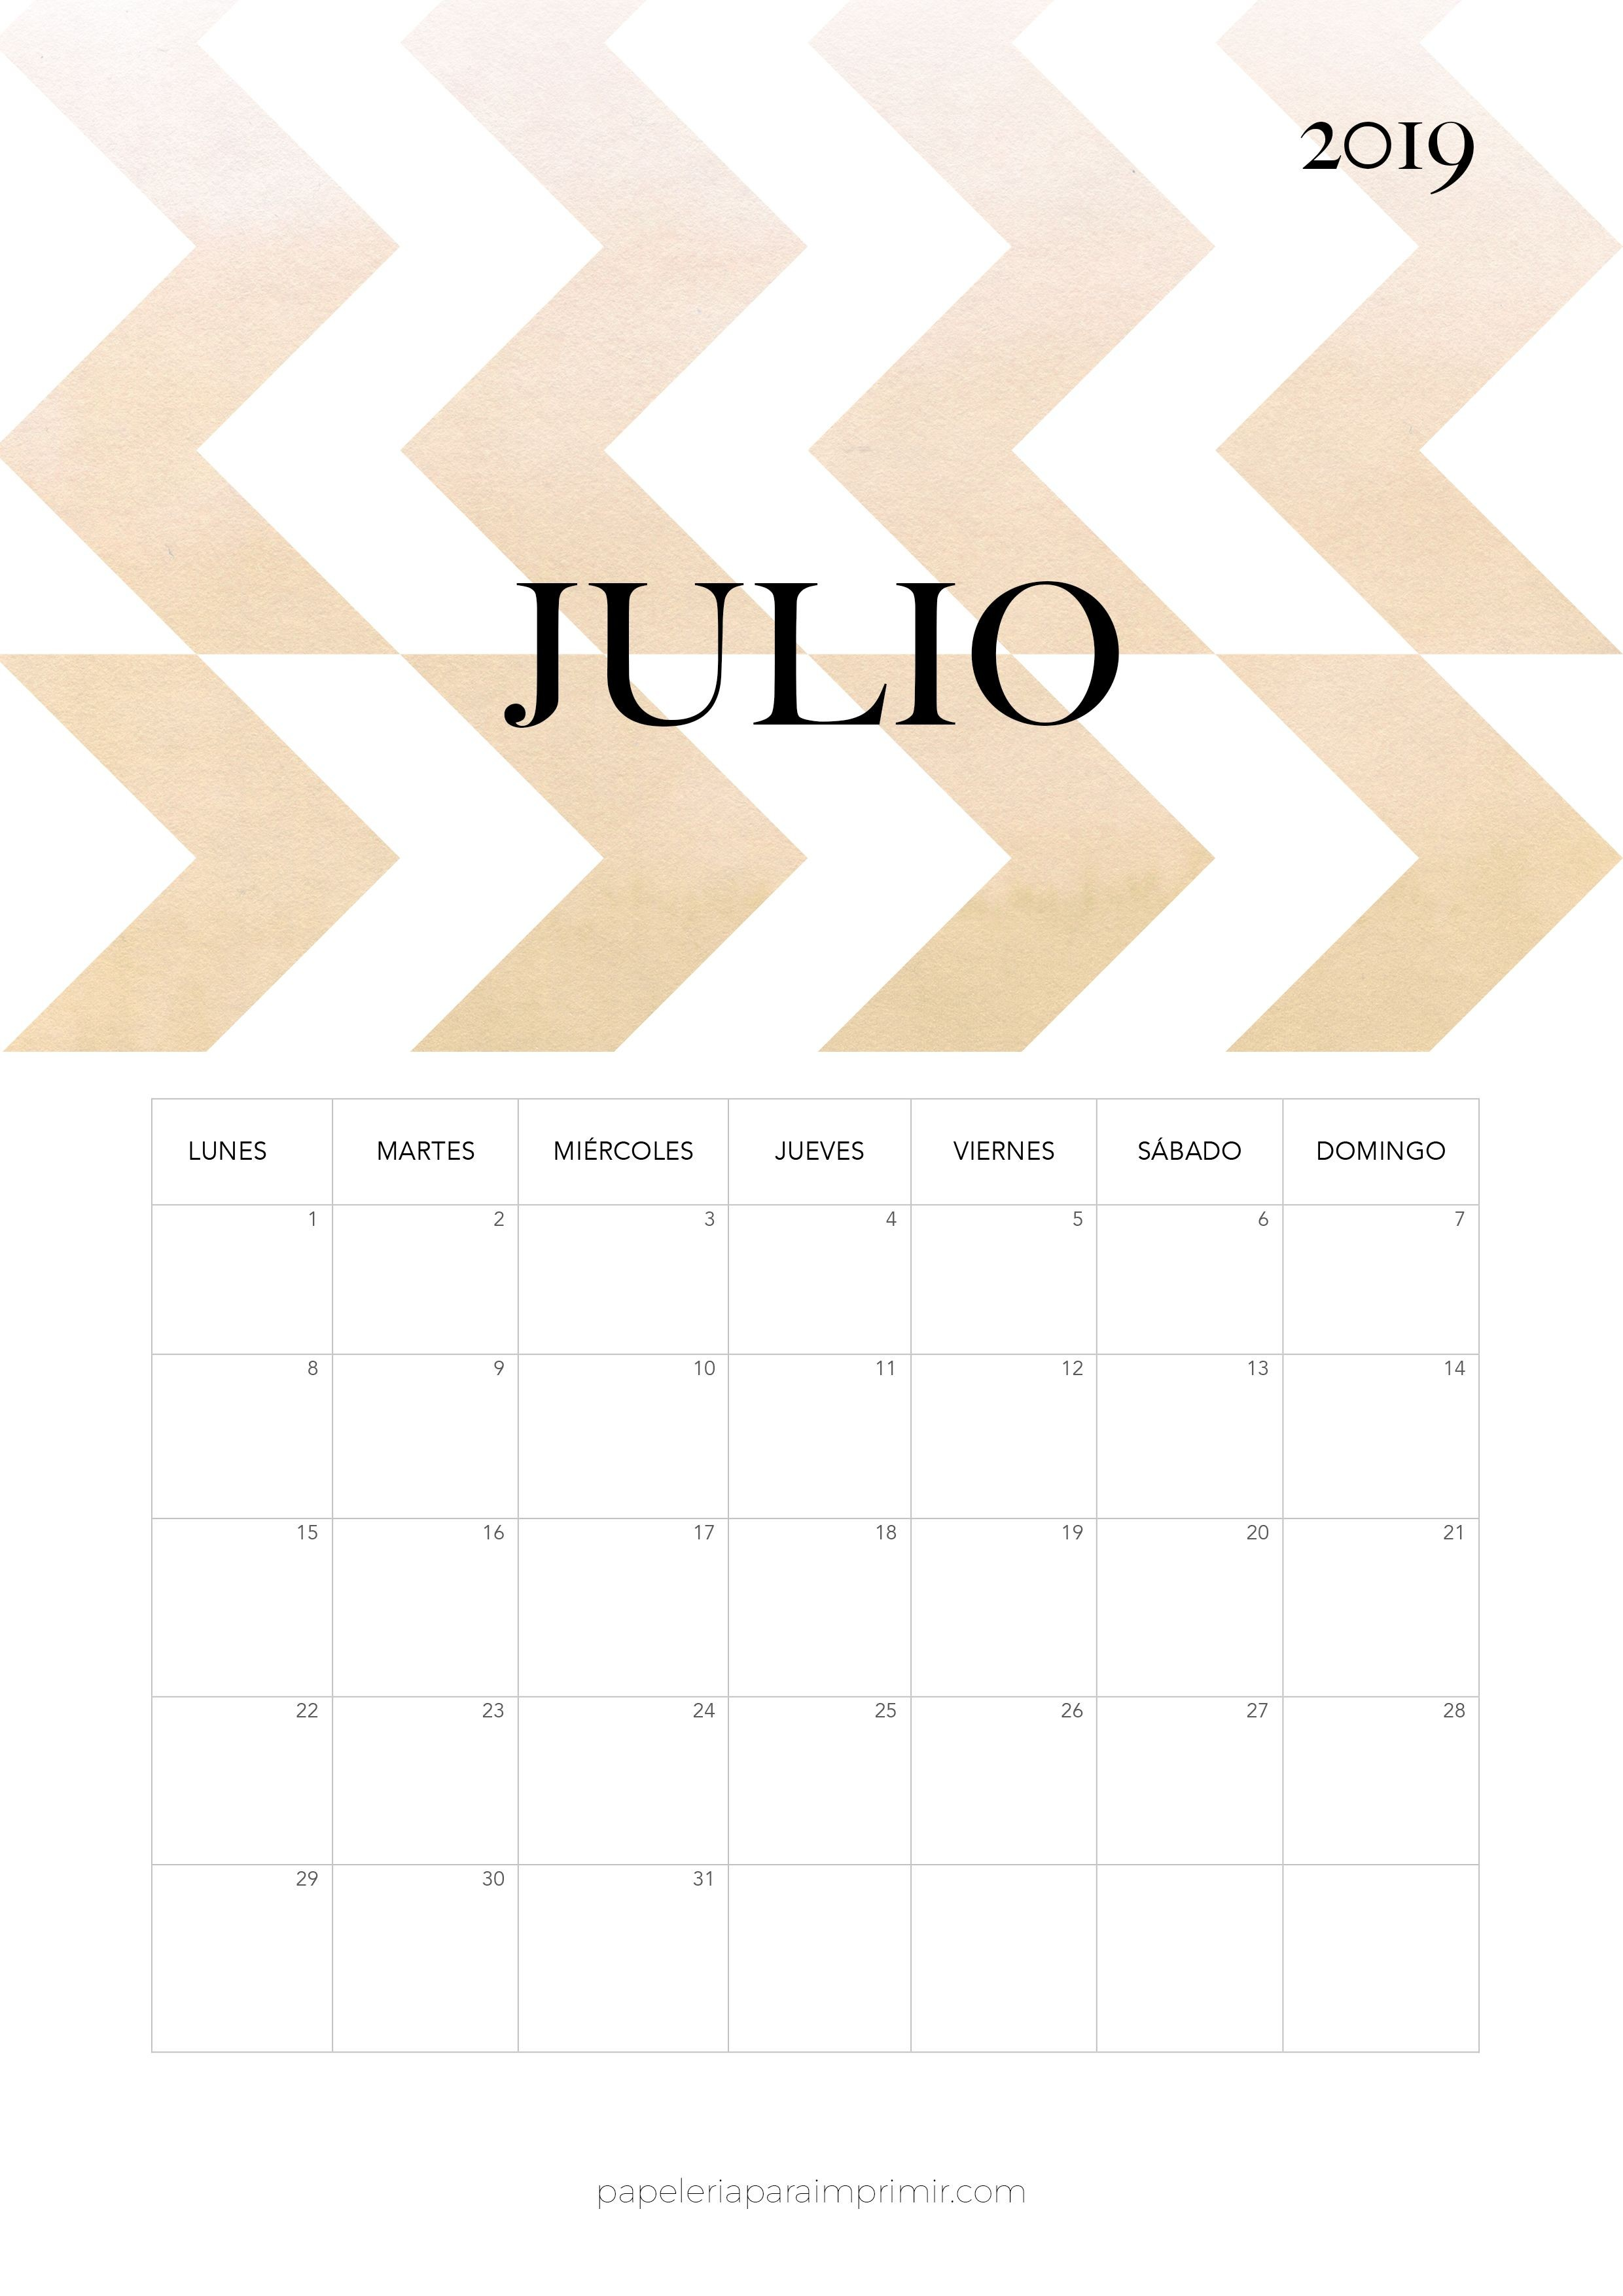 Calendario Completo 2018 Y 2019 Actual Calendario 2019 Julio Calendario Mensual Moderno De Estilo Minimal Of Calendario Completo 2018 Y 2019 Más Populares Directory Flyers Promociones